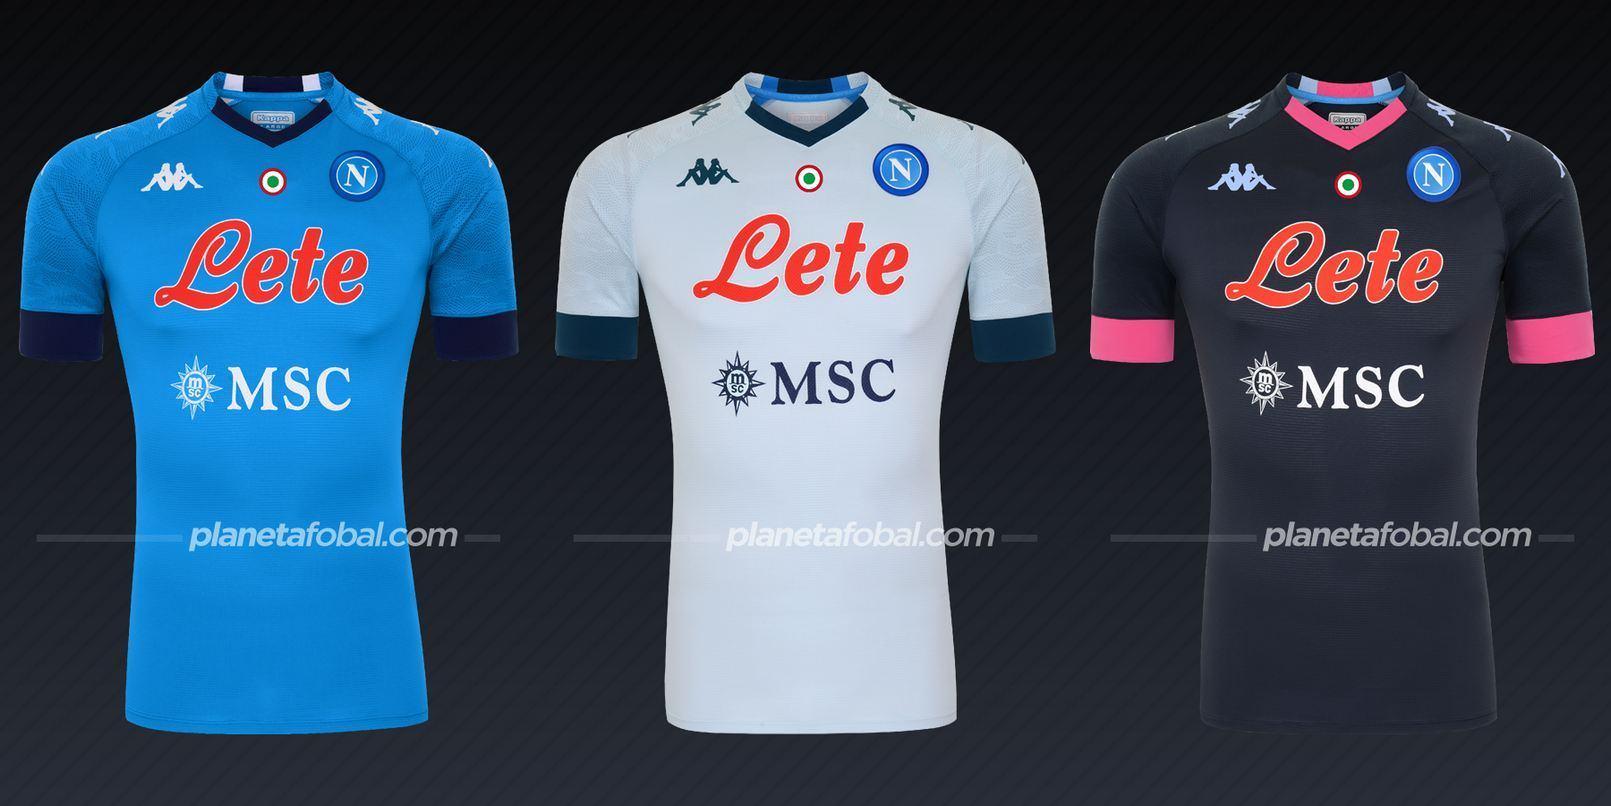 Napoli (Kappa) | Camisetas de la Serie A 2020/2021